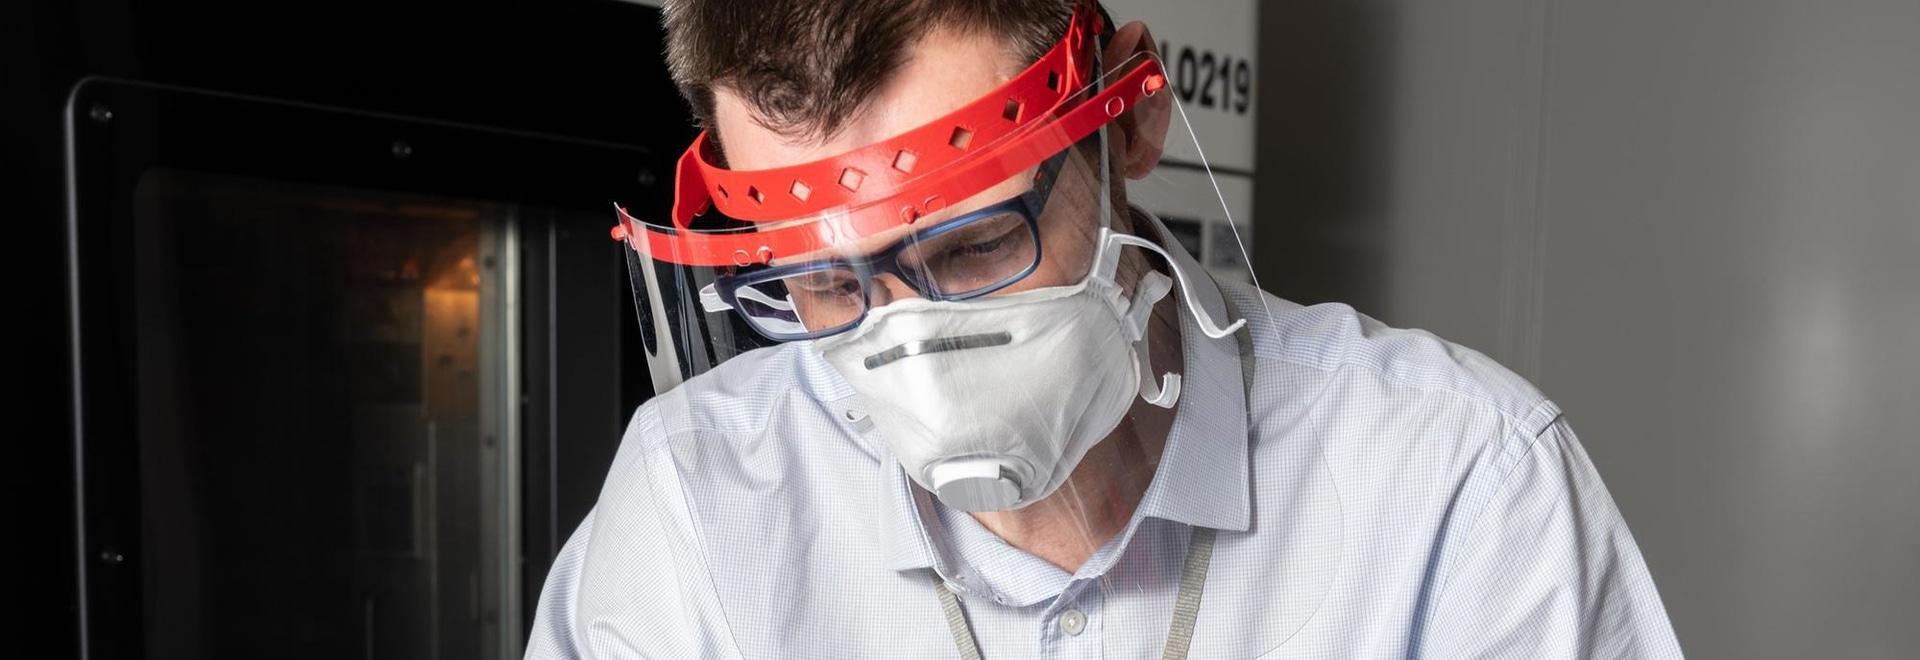 Gesichtsschutzschilde ermöglichen es auch, die Lebensdauer der Maske zu verlängern.